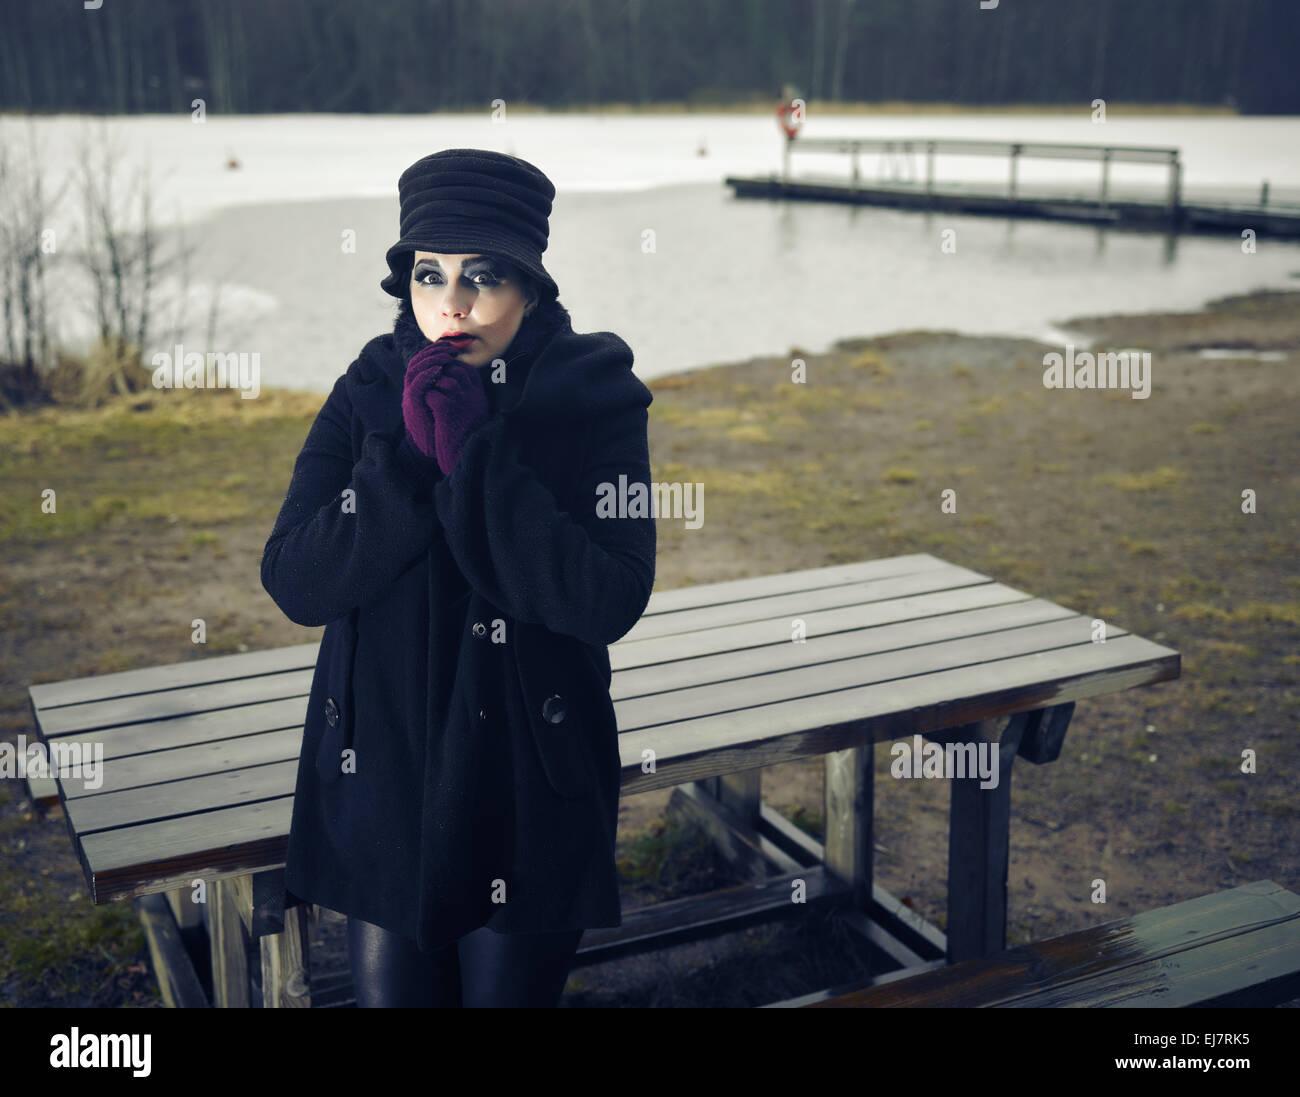 Peur fashion femme portant un manteau d'hiver et un chapeau et elle posant dans une plage d'hiver froid, pluvieux, les traités de droit Banque D'Images